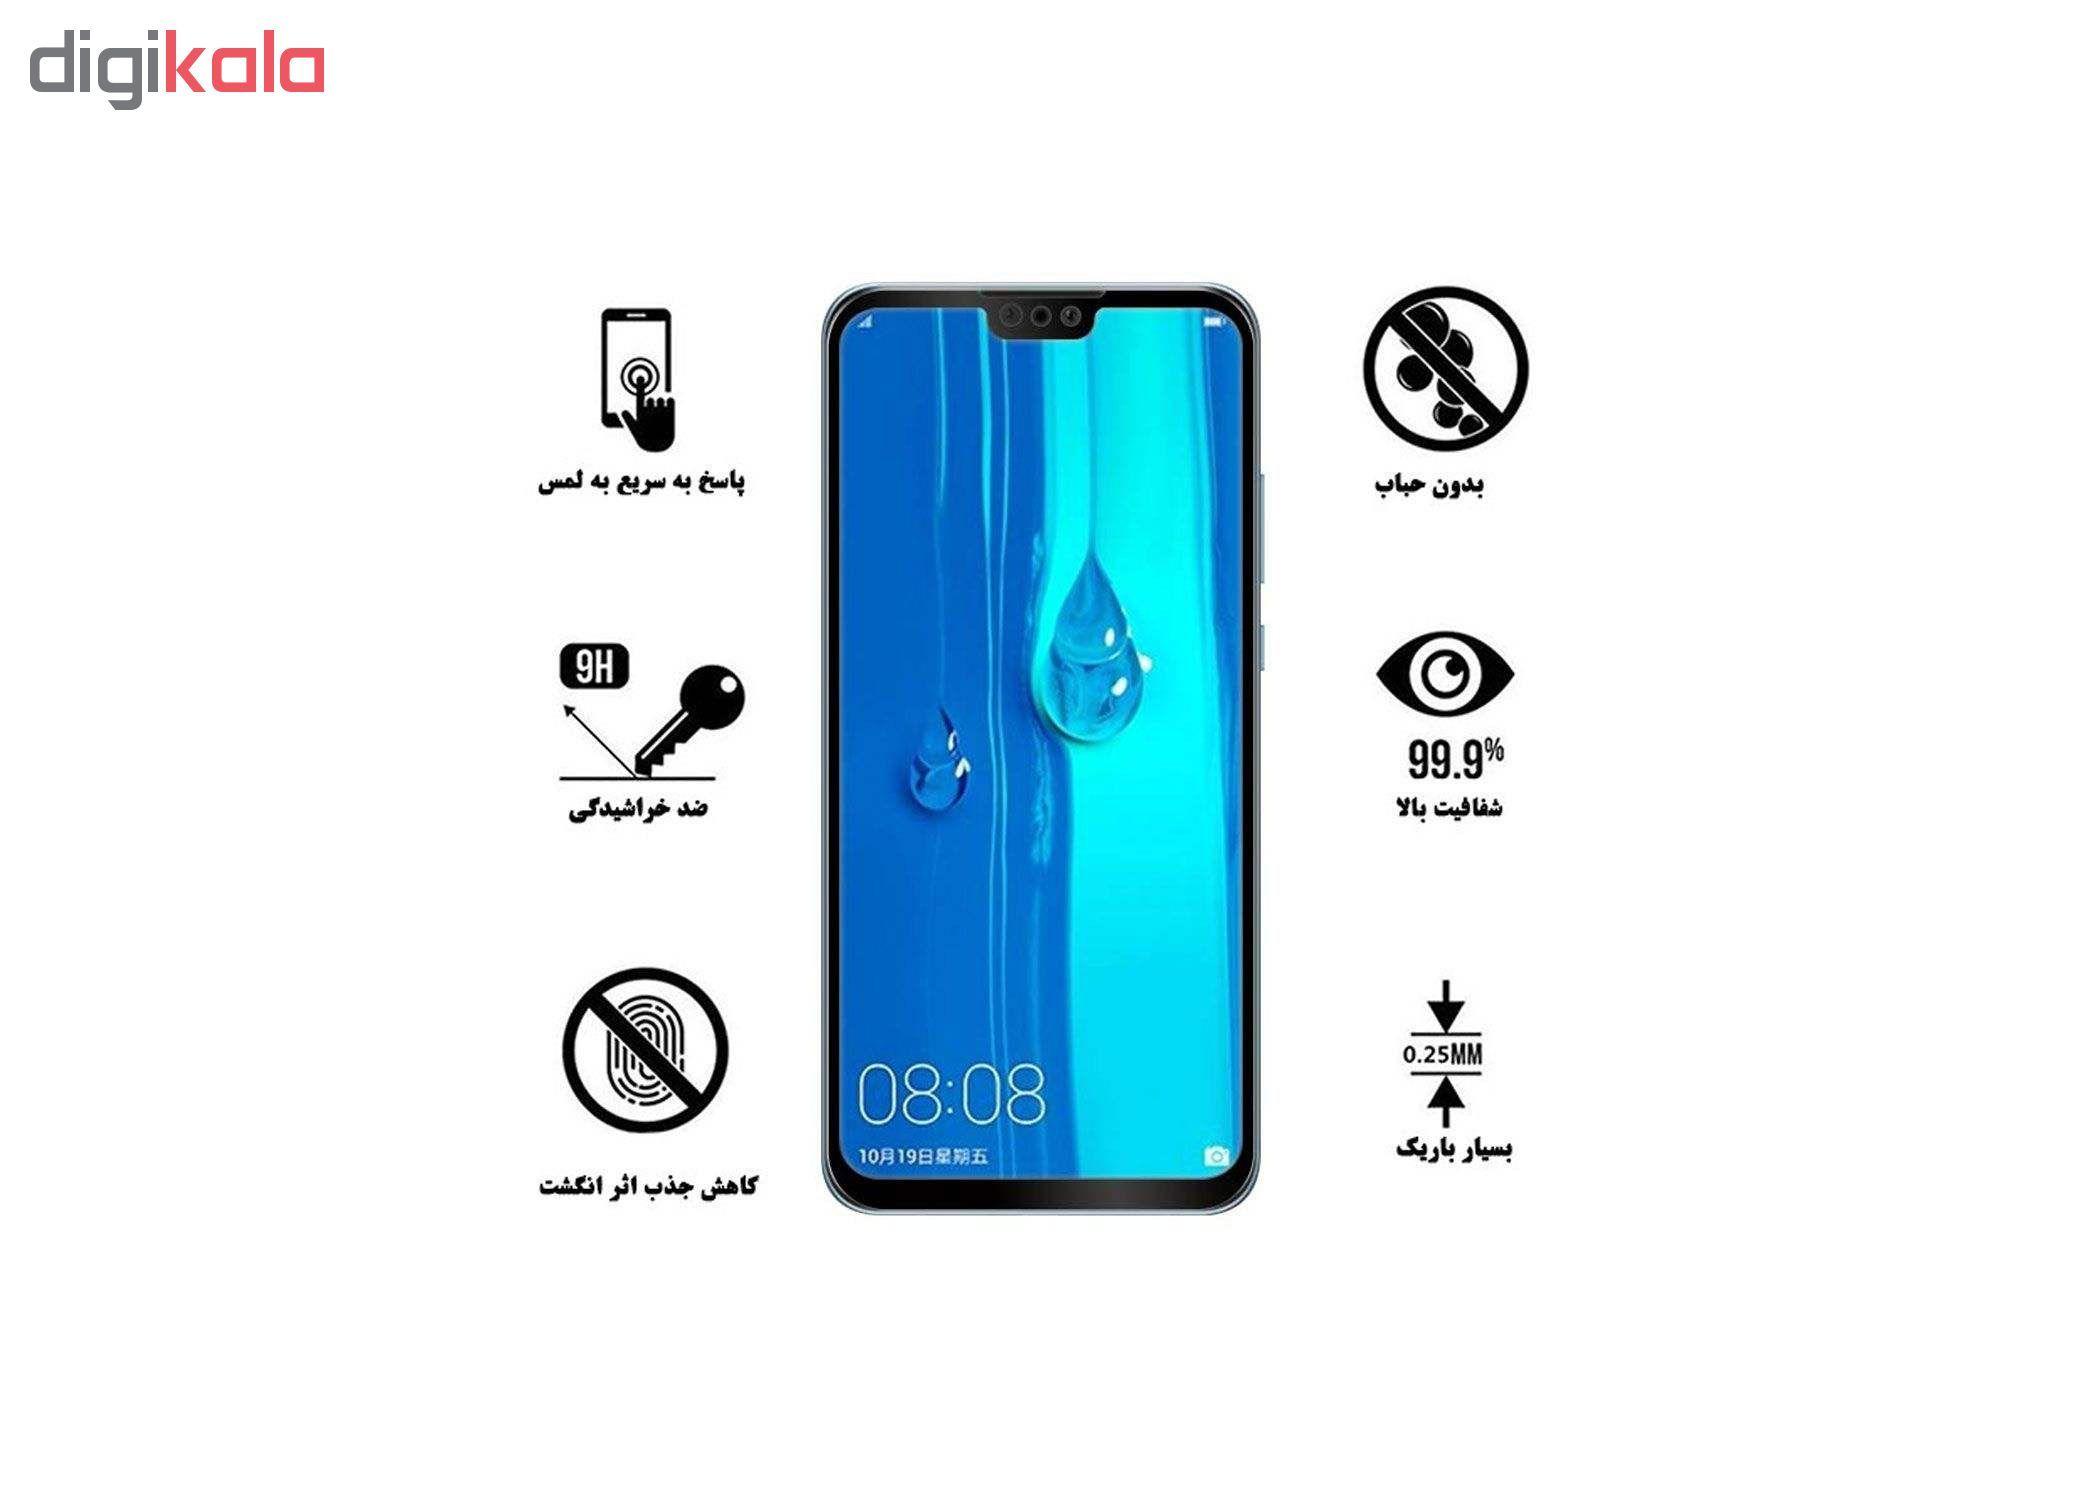 محافظ صفحه نمایش آکوا مدل HW مناسب برای گوشی موبایل هوآوی Y9 2019 main 1 2